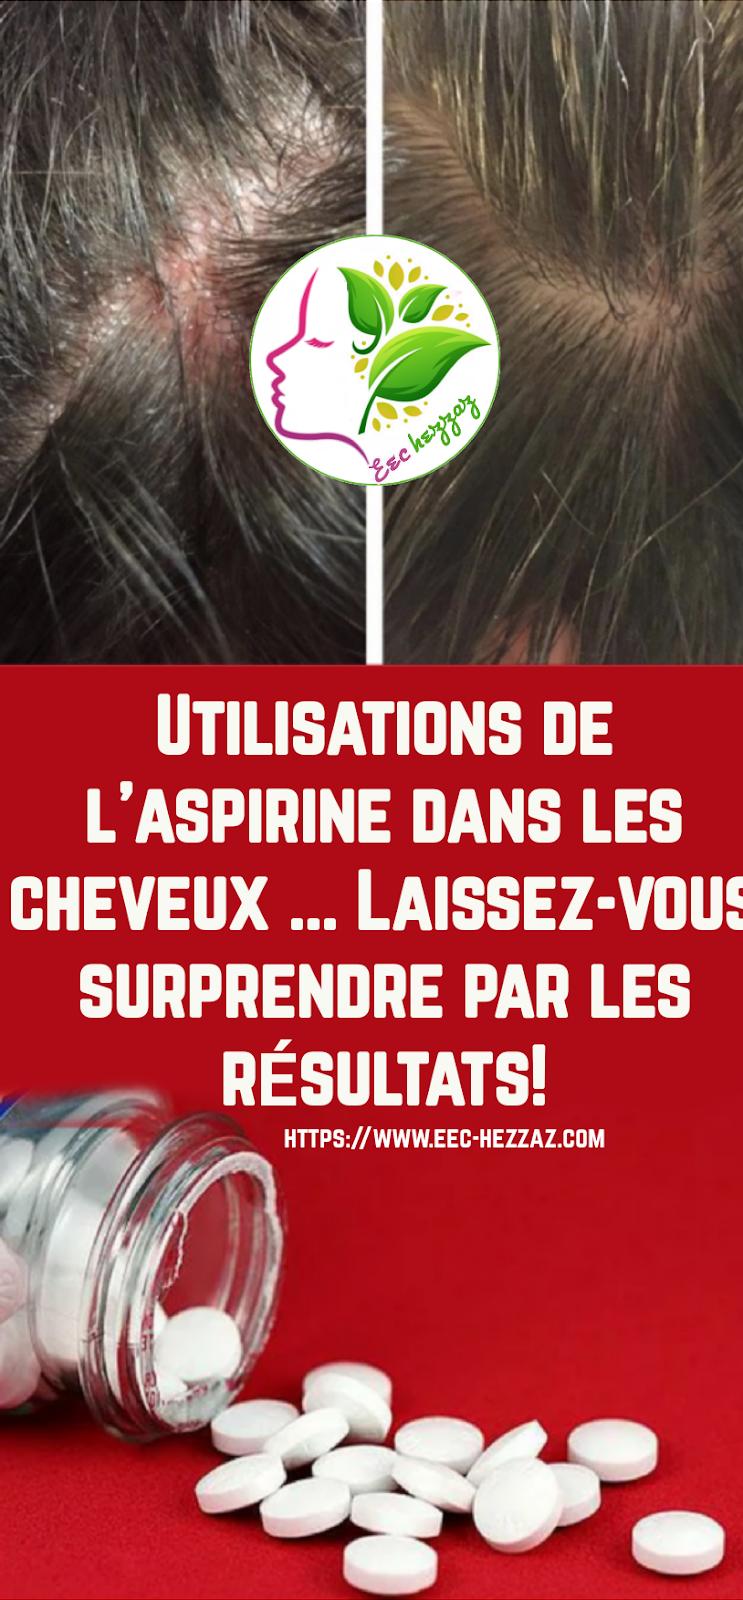 Utilisations de l'aspirine dans les cheveux ... Laissez-vous surprendre par les résultats!